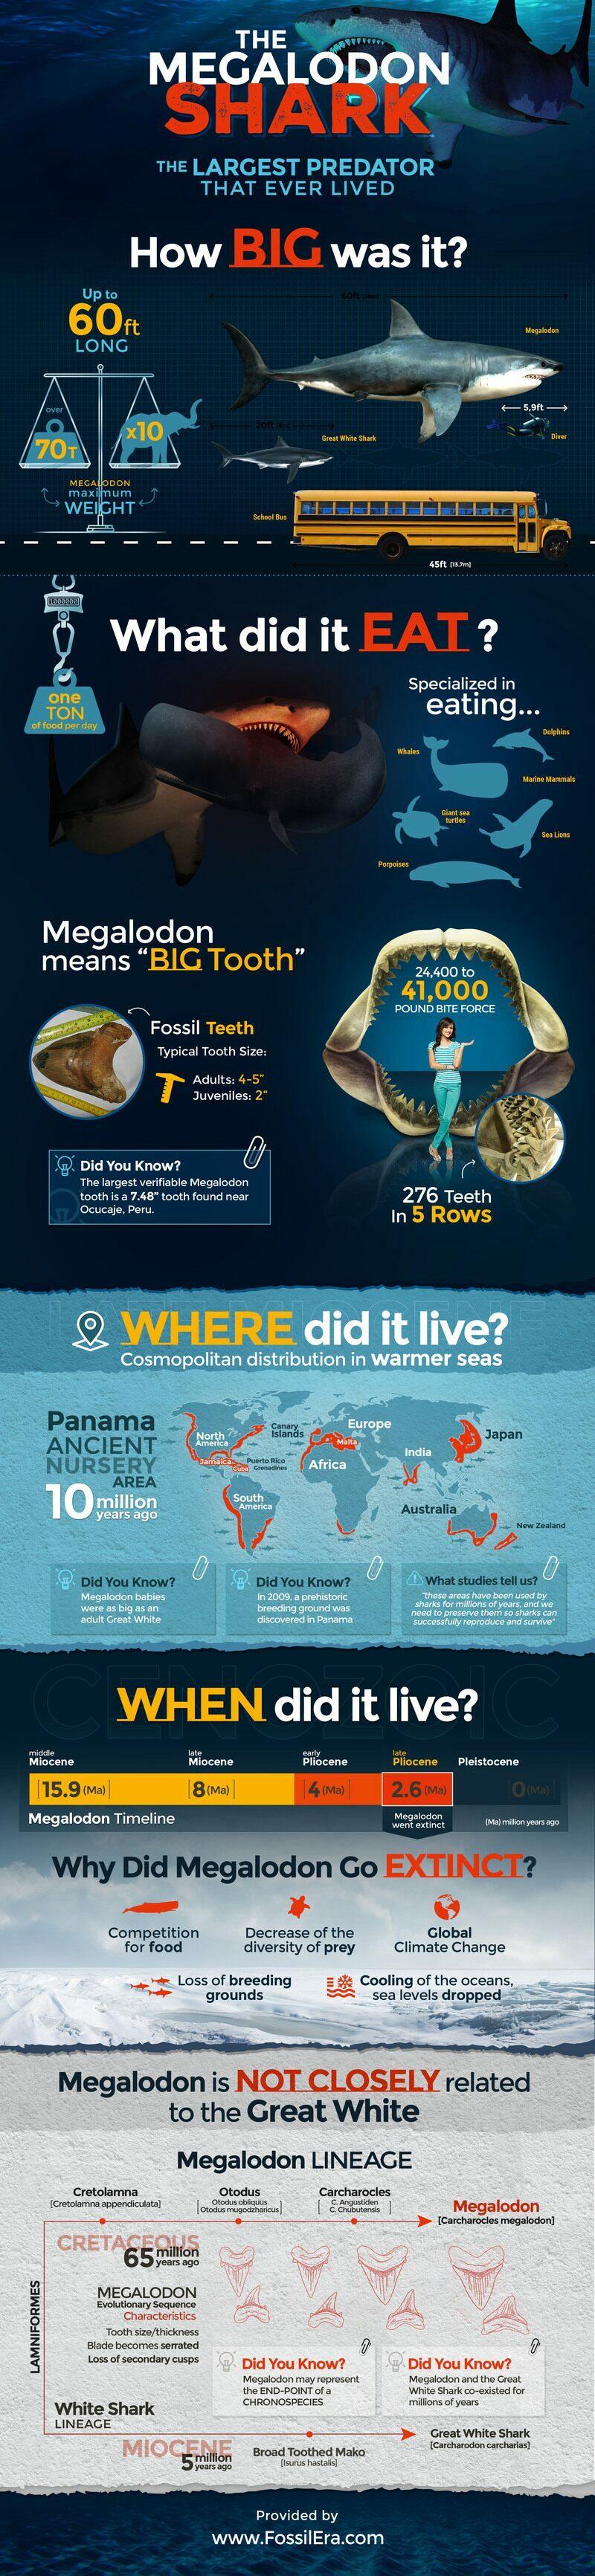 Megalodon Shark Infographic